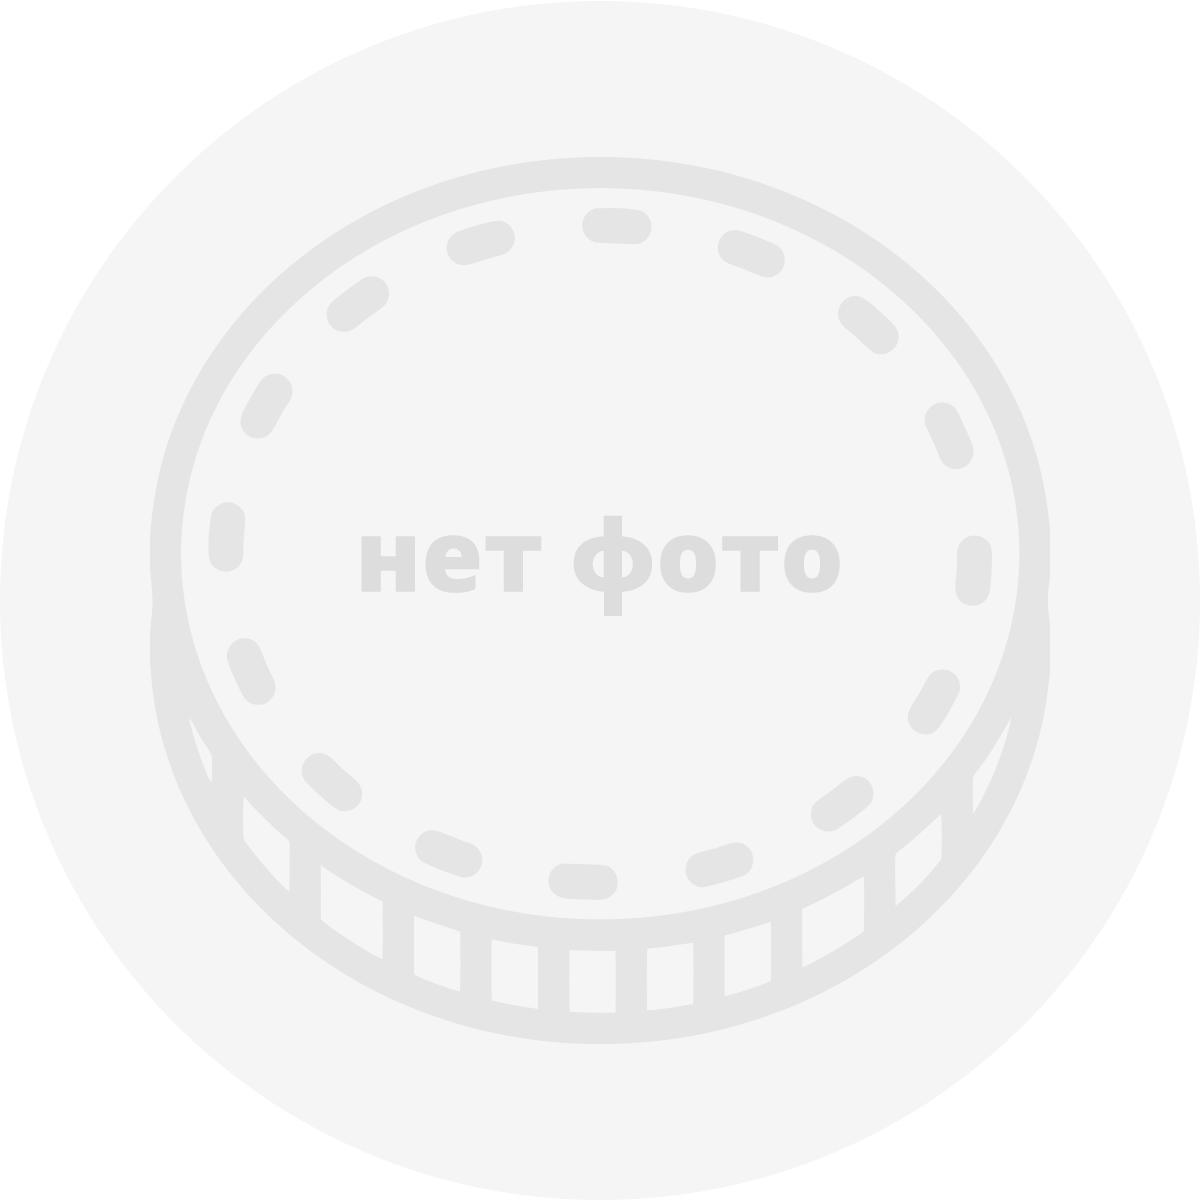 Конго, Демократическая республика, Набор монет (2000 г.)